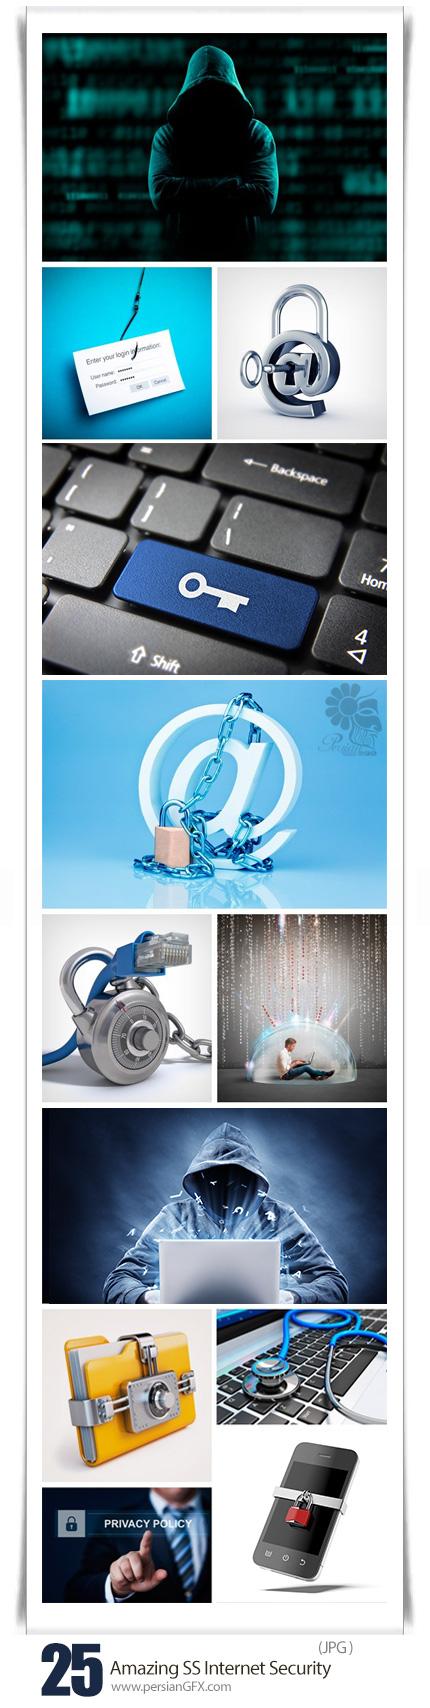 دانلود تصاویر با کیفیت قفل های امنیتی اینترنت از شاتراستوک - Amazing ShutterStock Internet Security